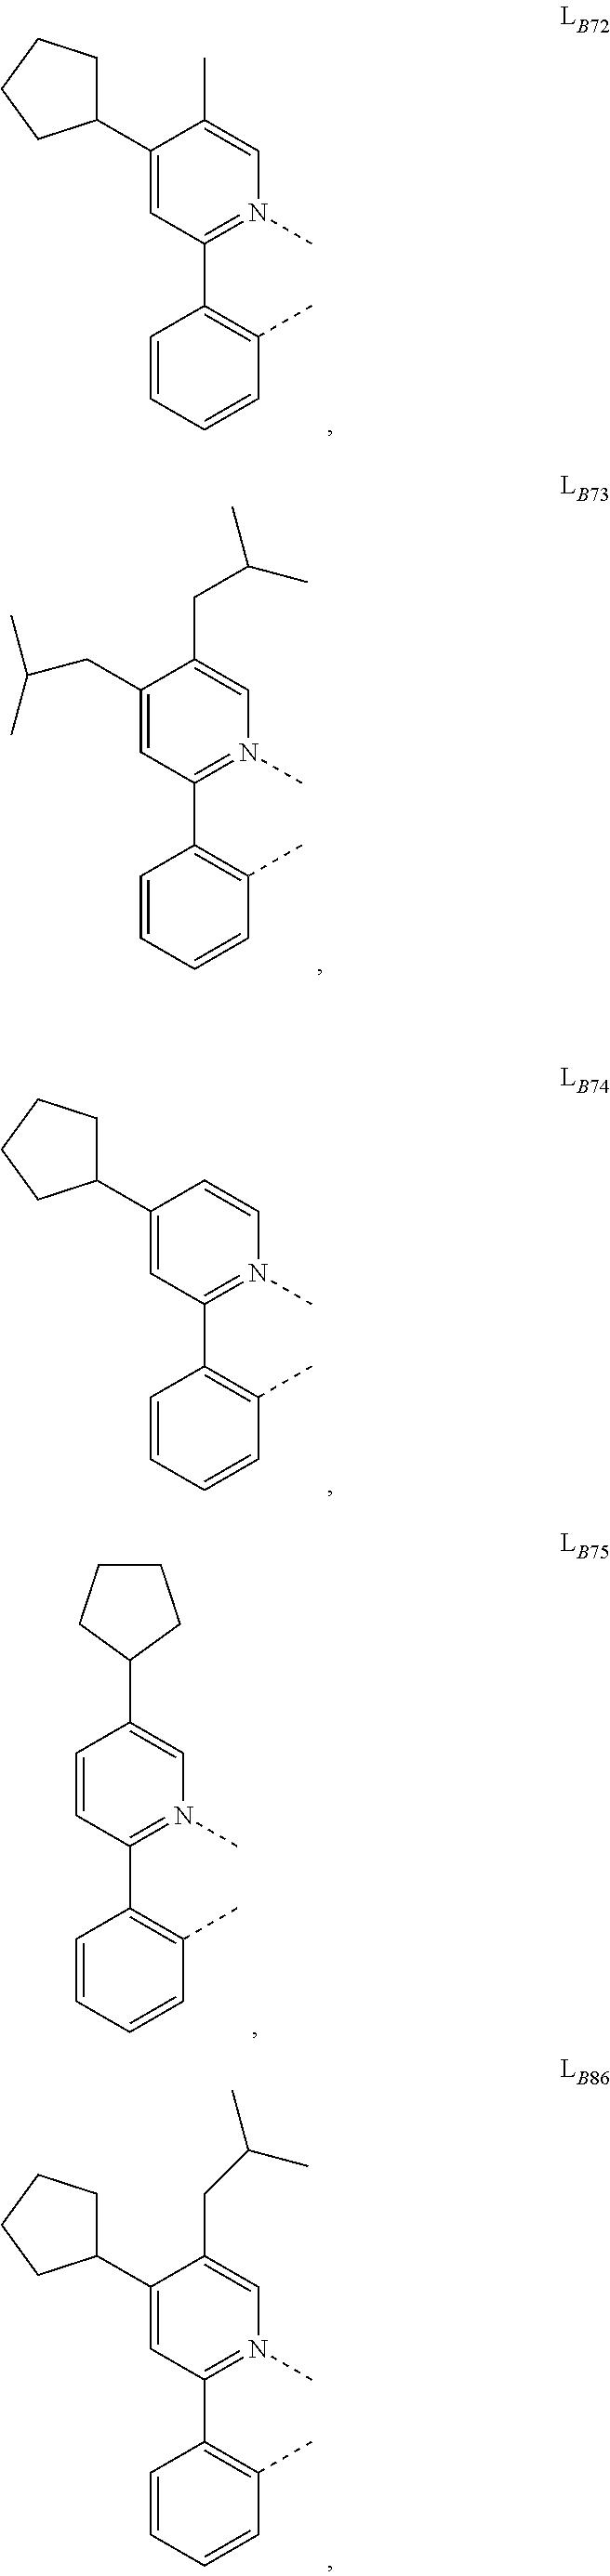 Figure US20160049599A1-20160218-C00511